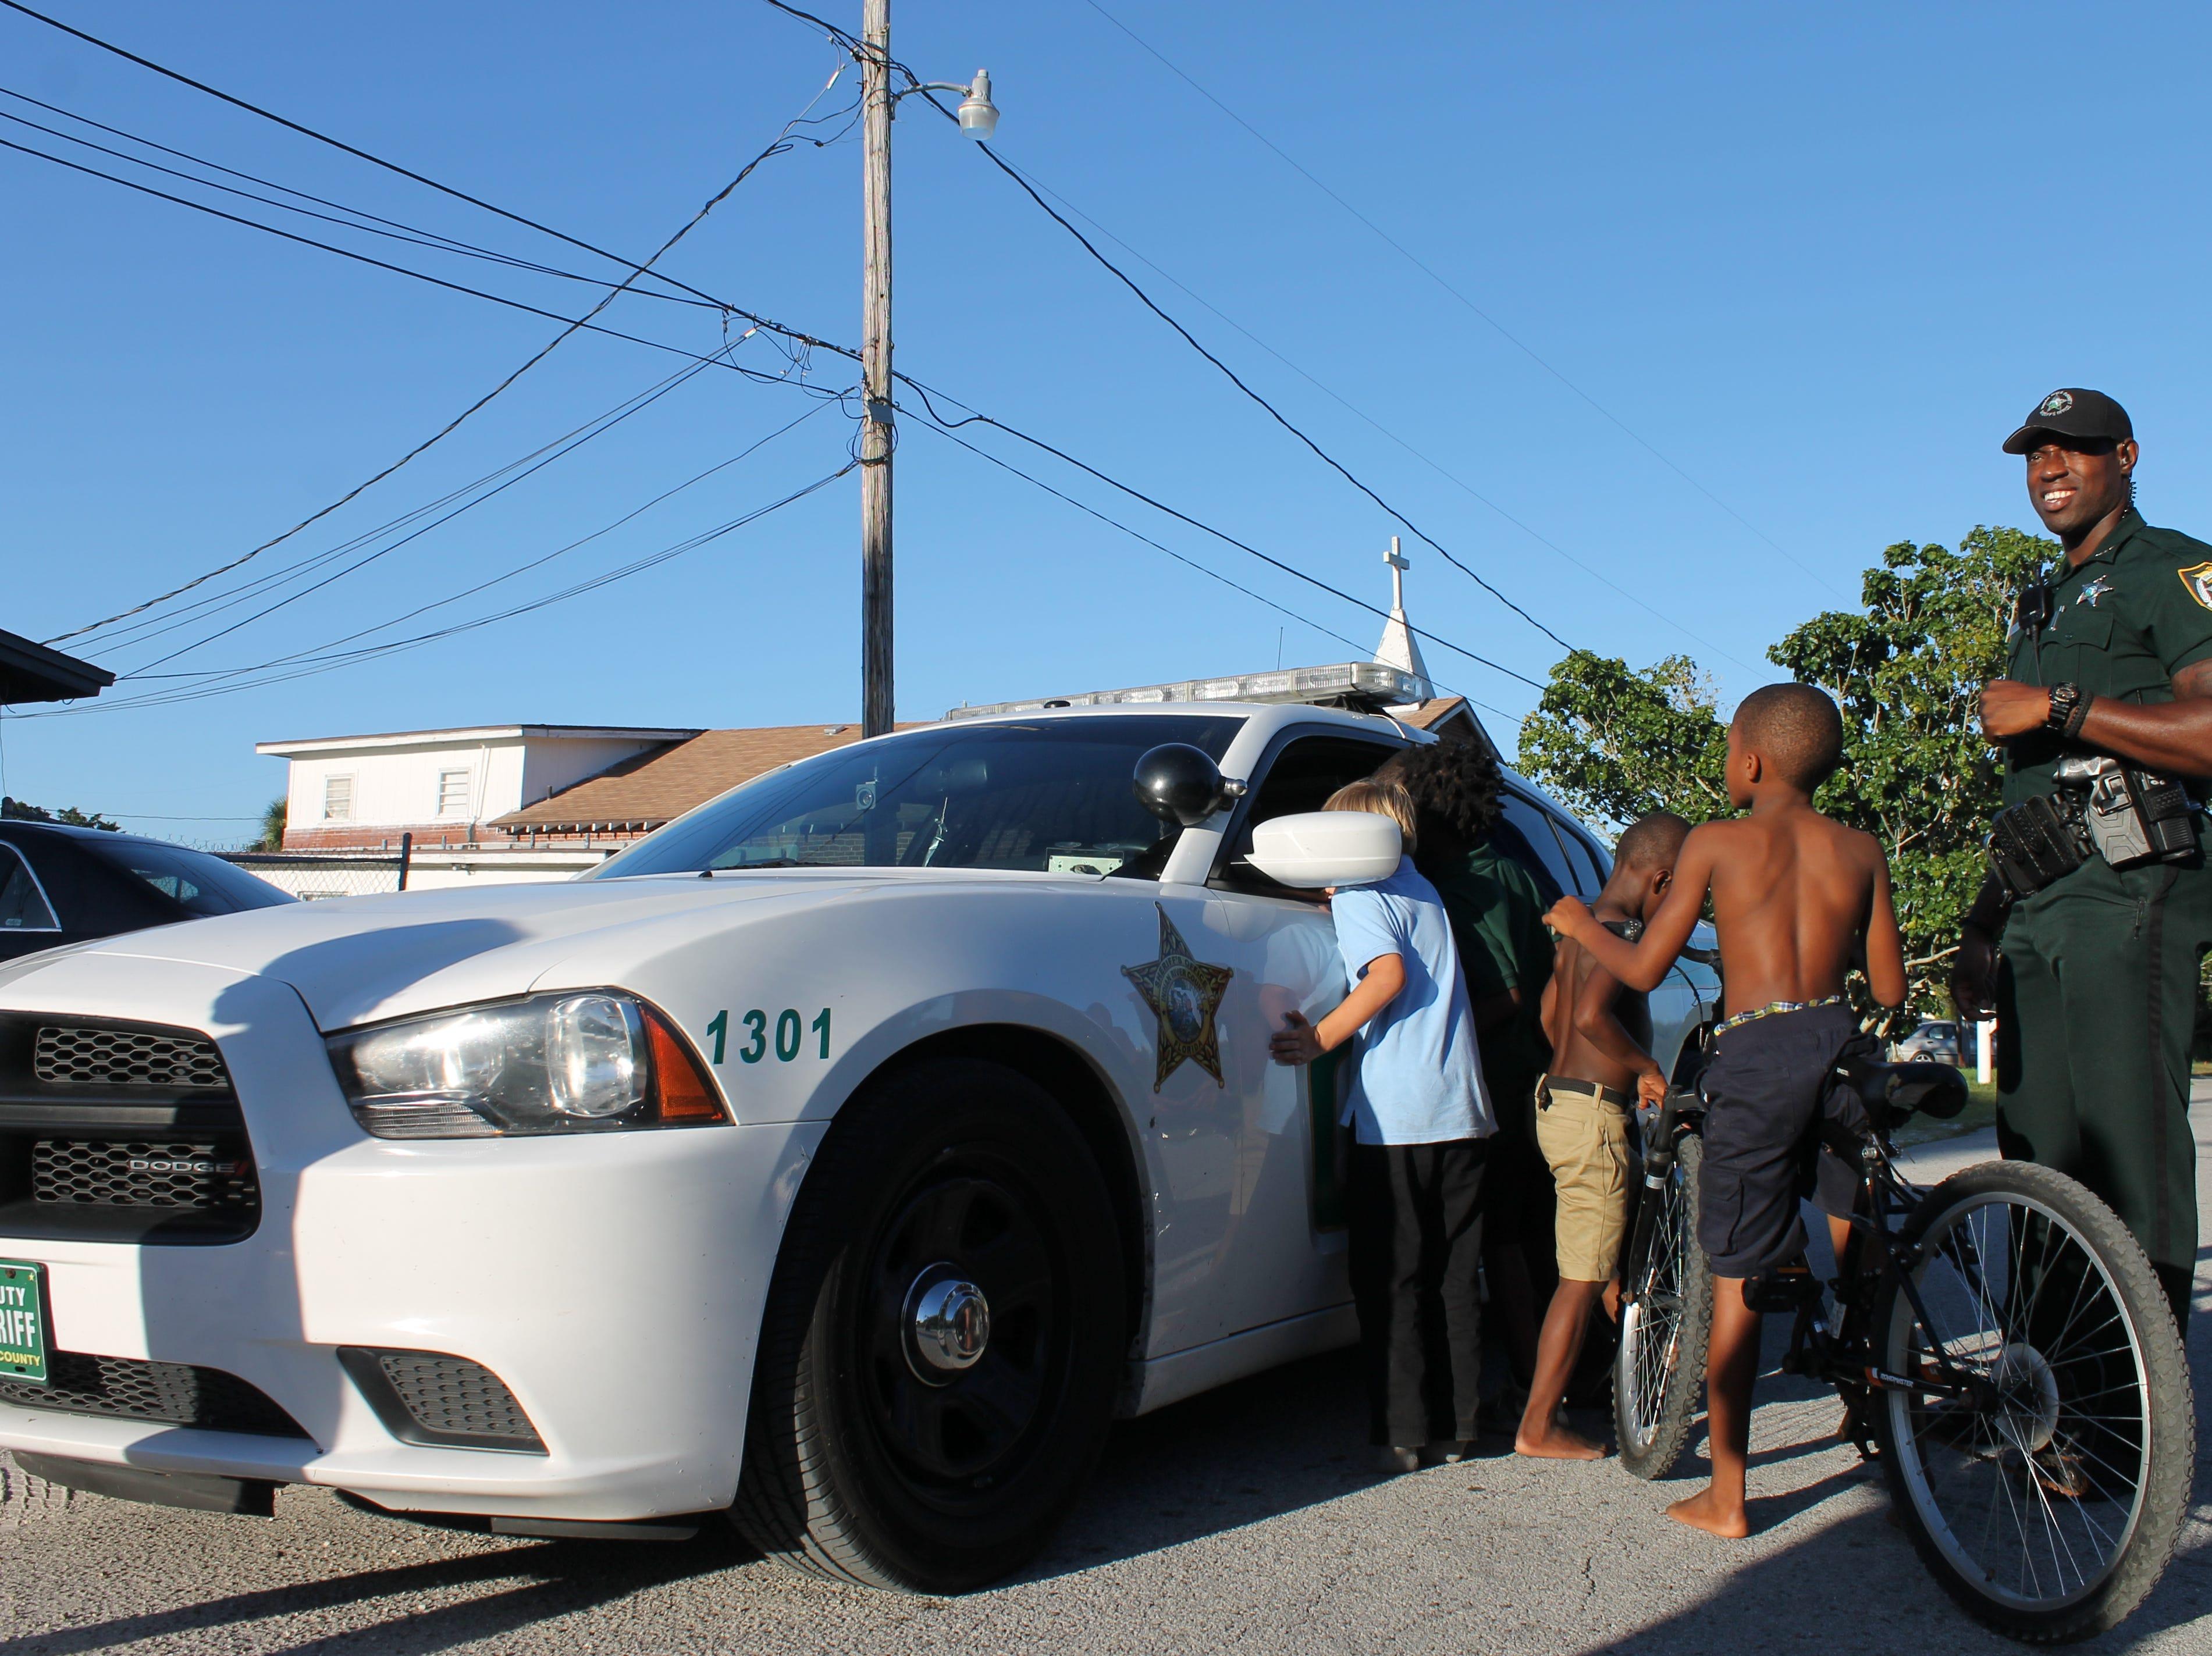 Dwayne Hoilett with some neighborhood children.